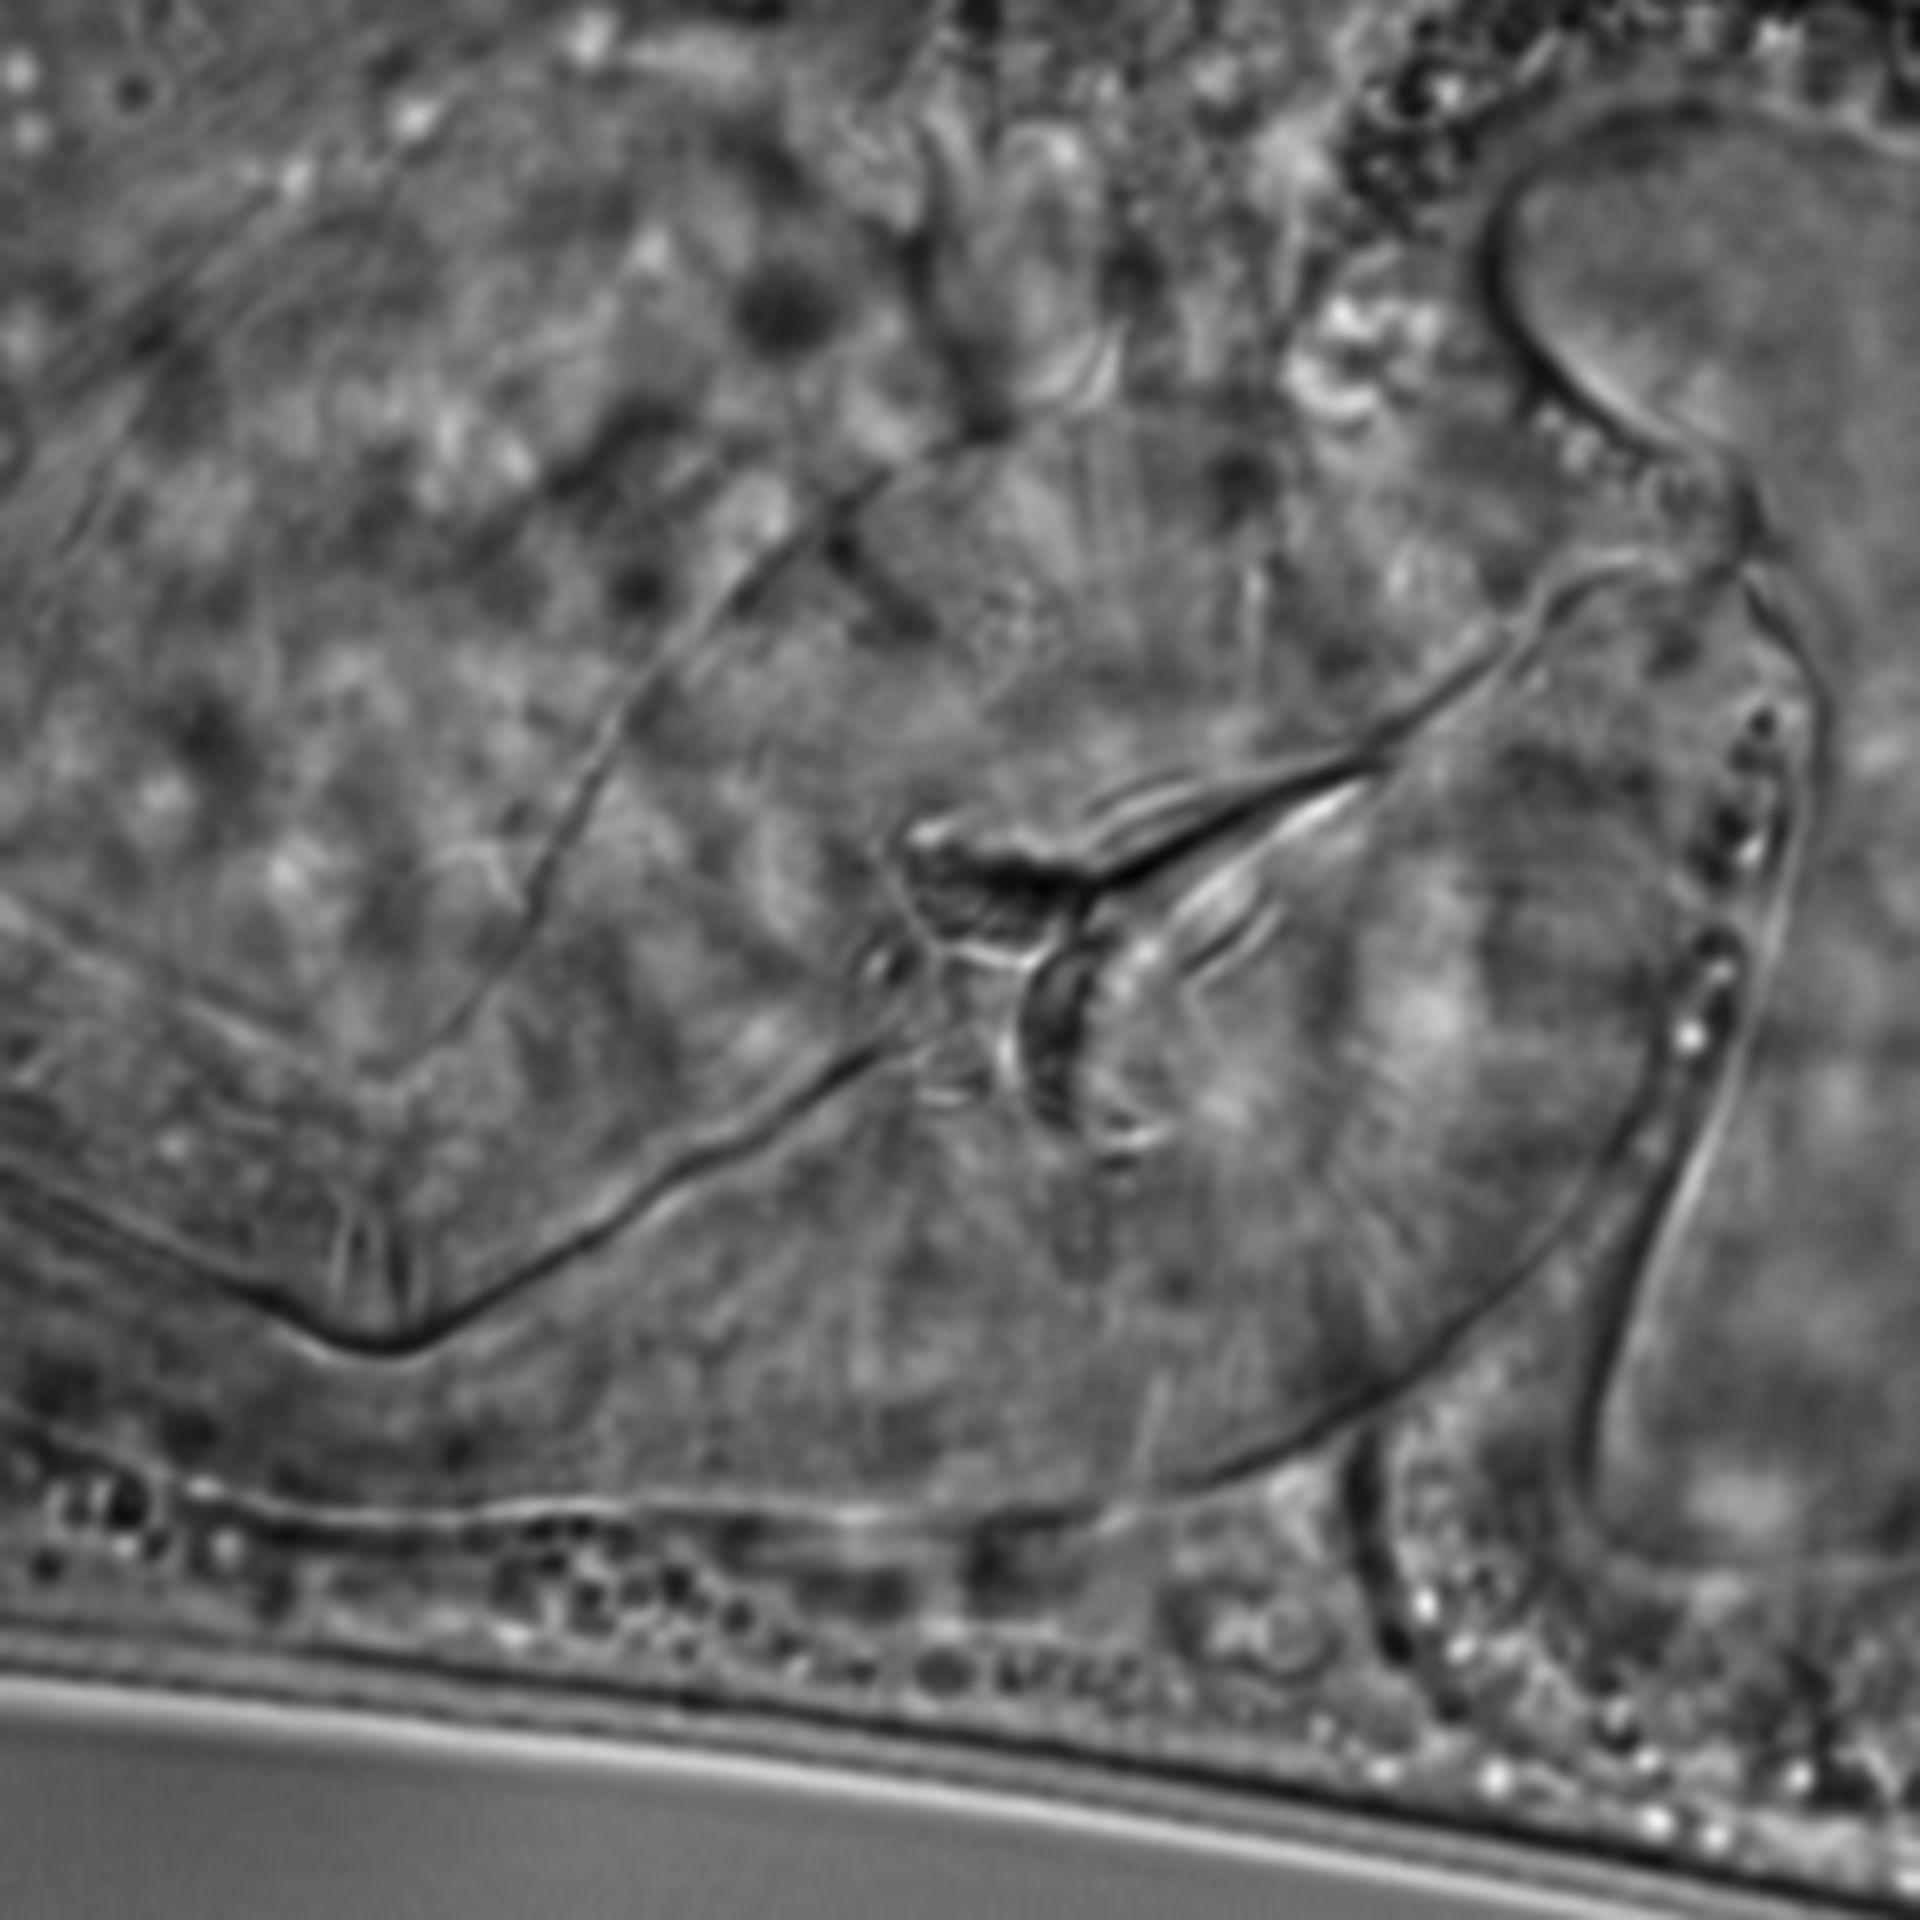 Caenorhabditis elegans - CIL:1667